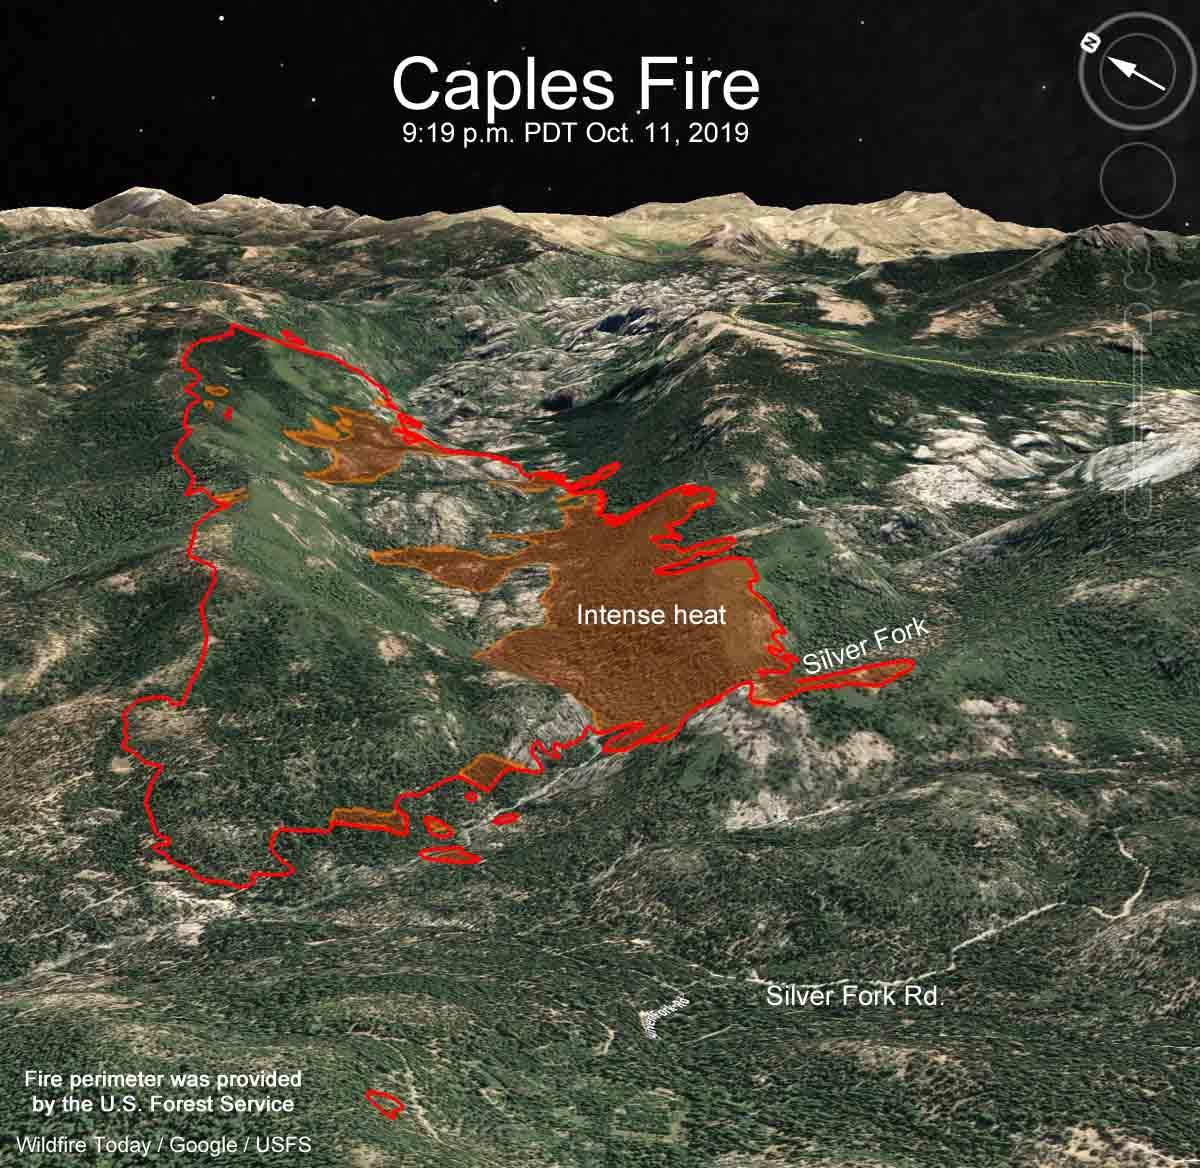 Caples Fire 3-D map